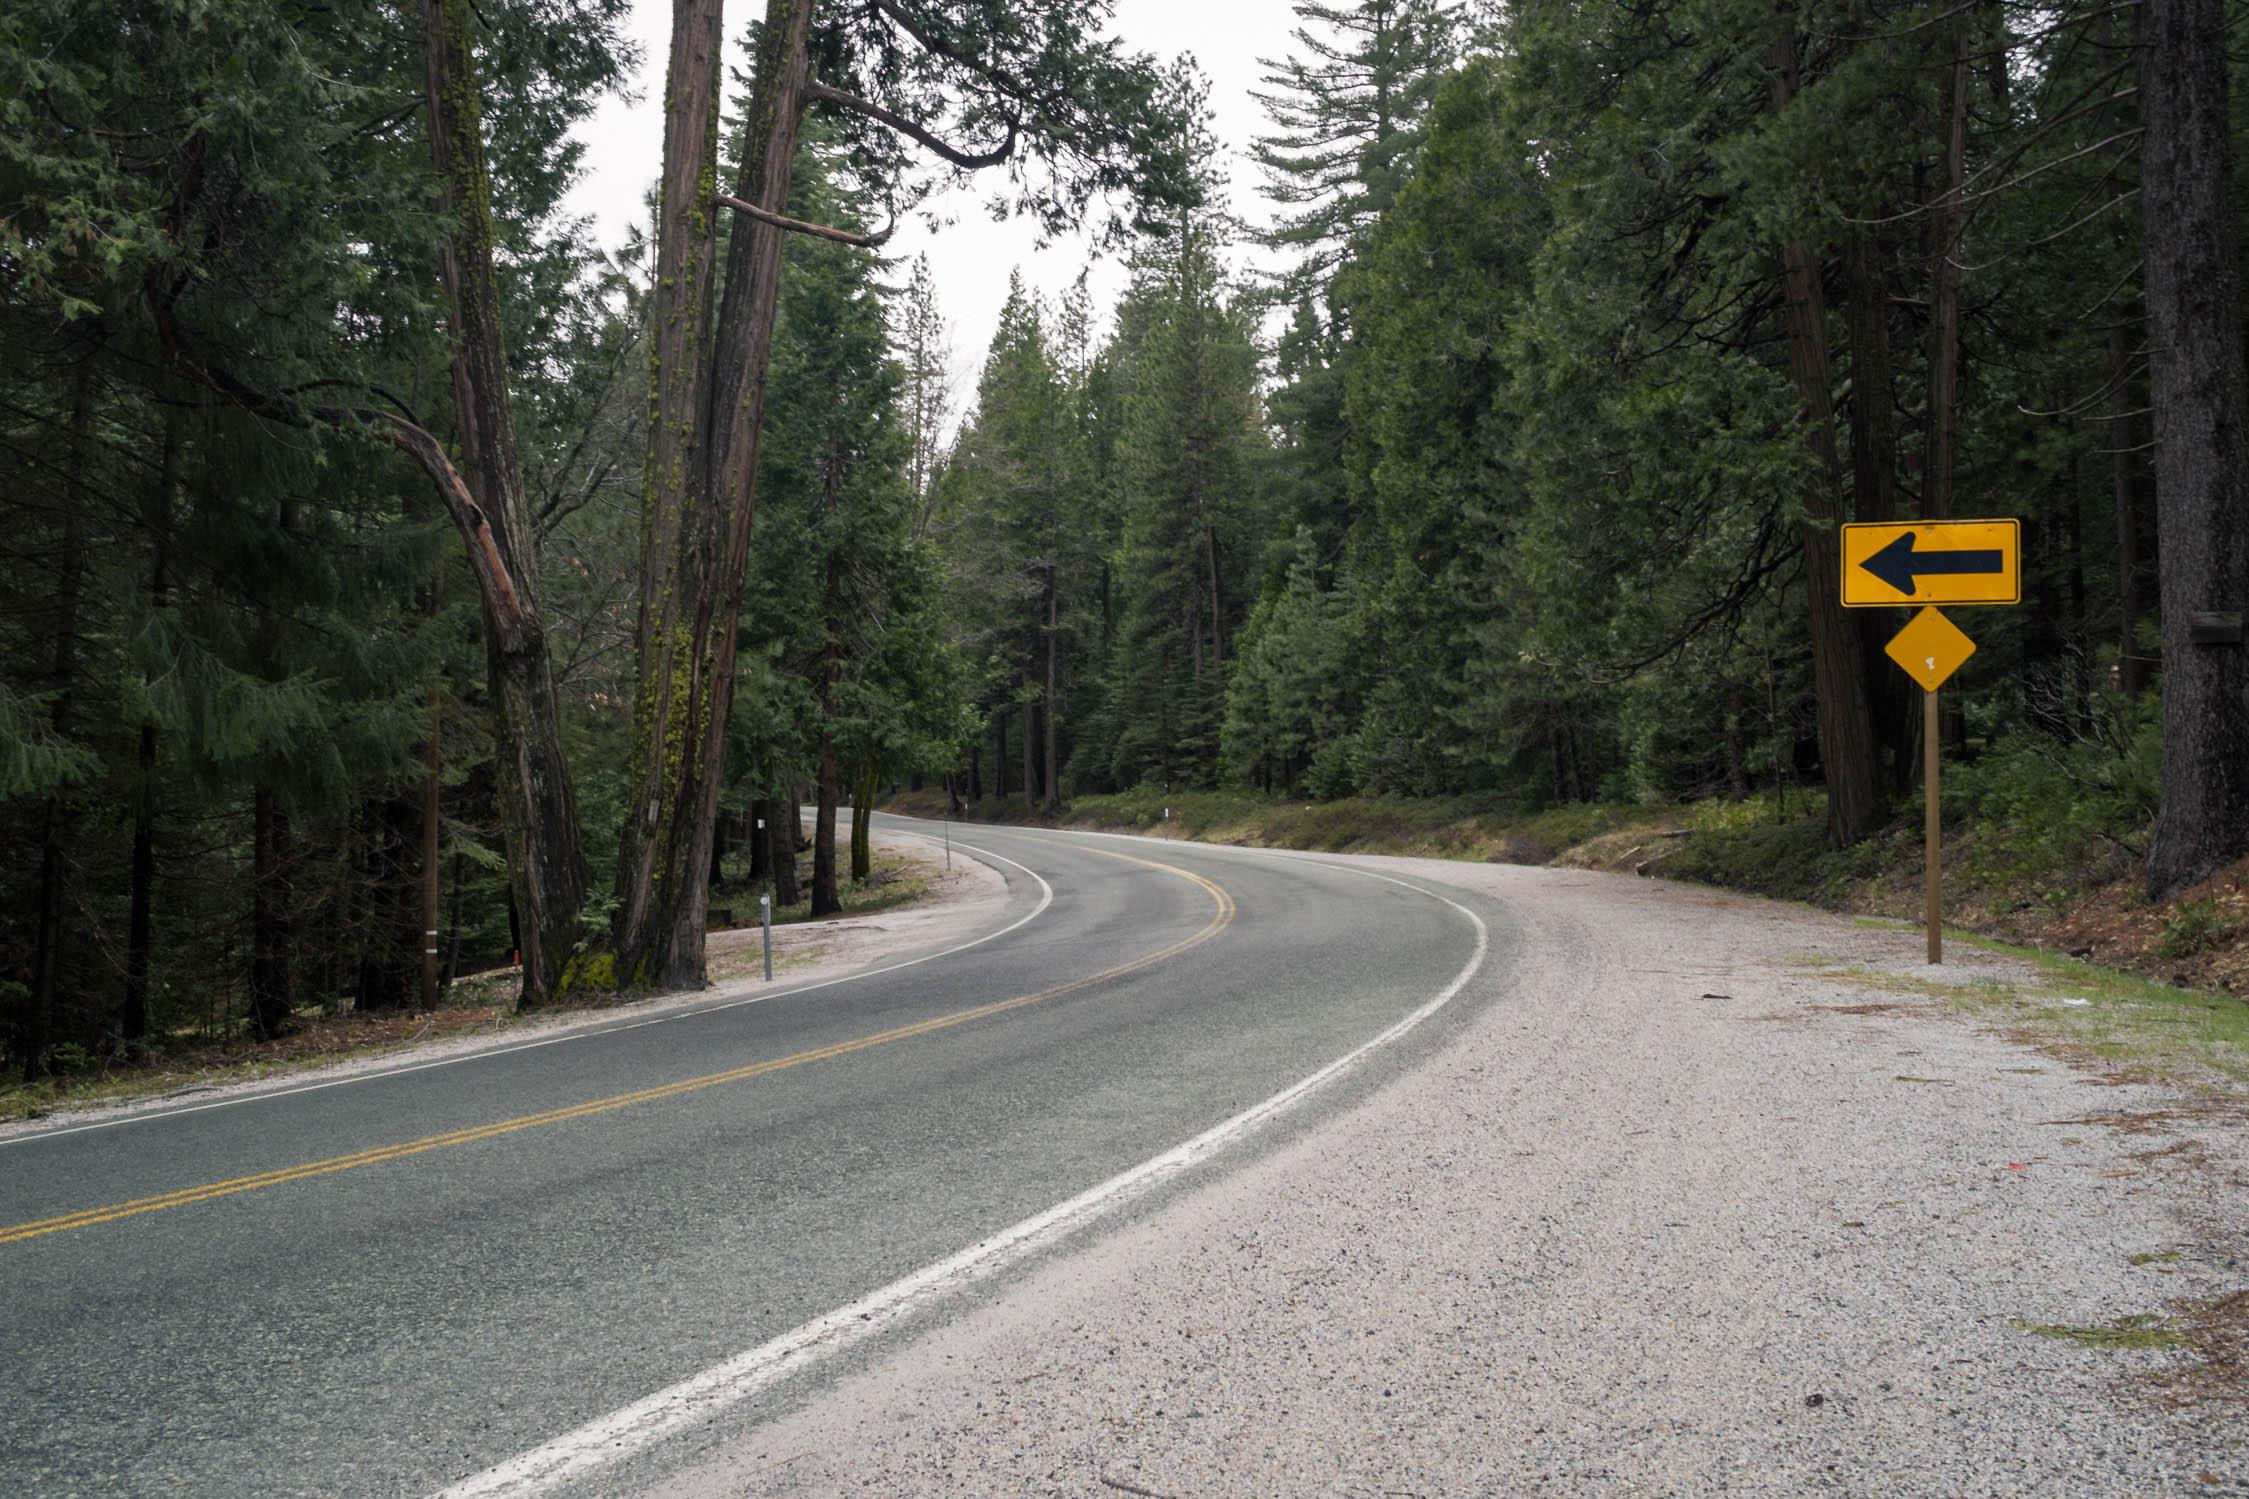 Les panneaux de signalisation sont placés sur le bord droit de la route